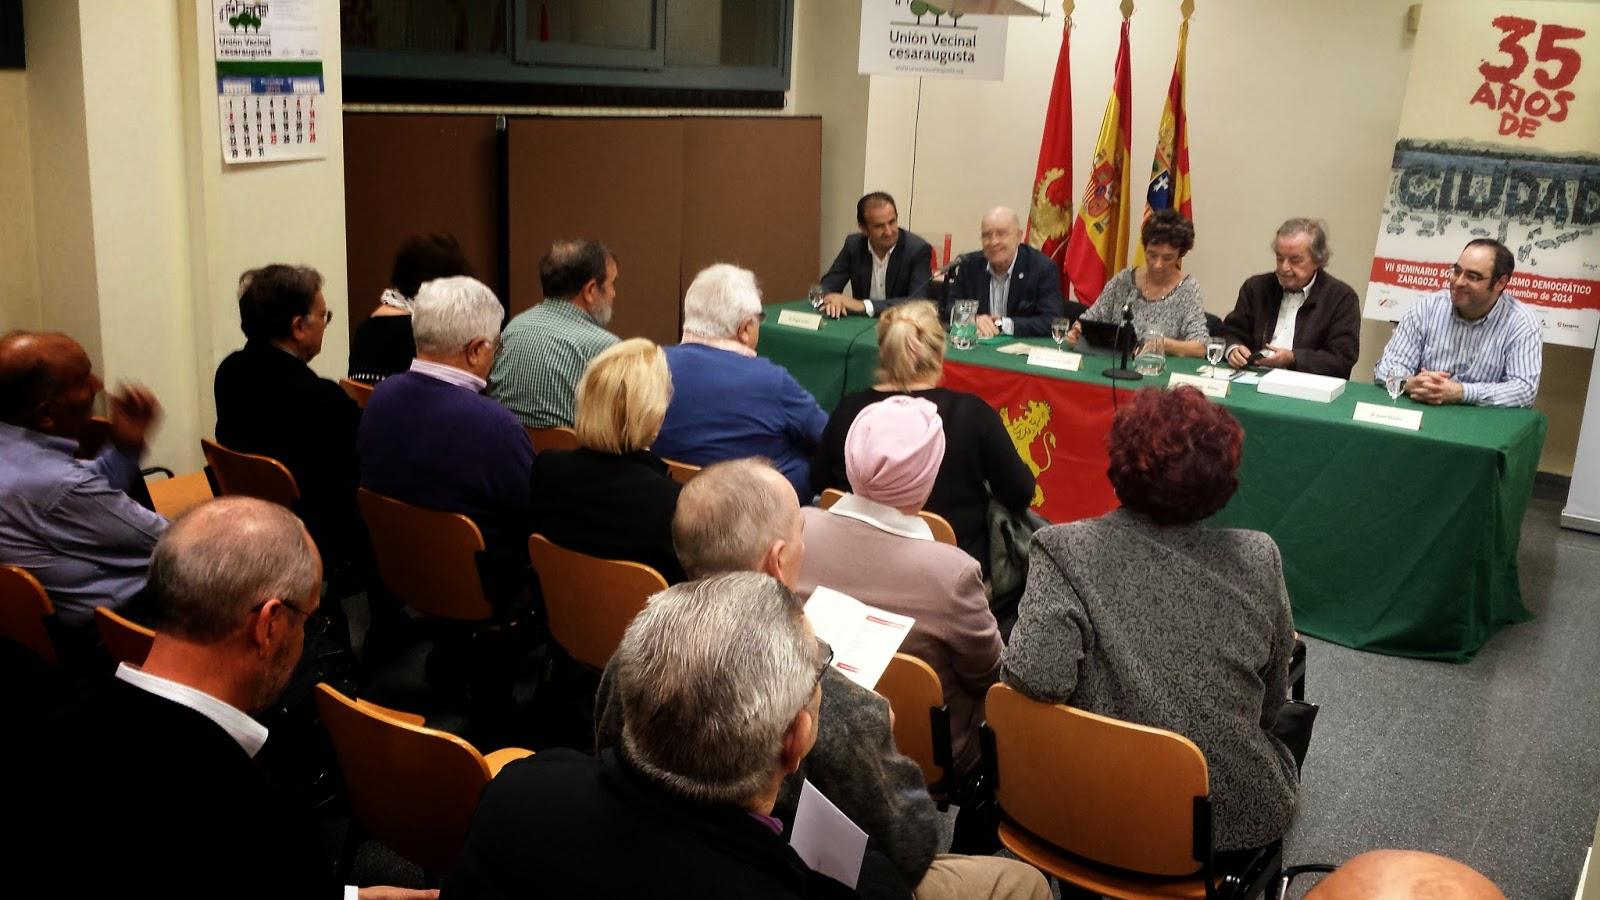 Los movimientos vecinales han tenido un papel fundamental en la transformación de la ciudad de Zaragoza